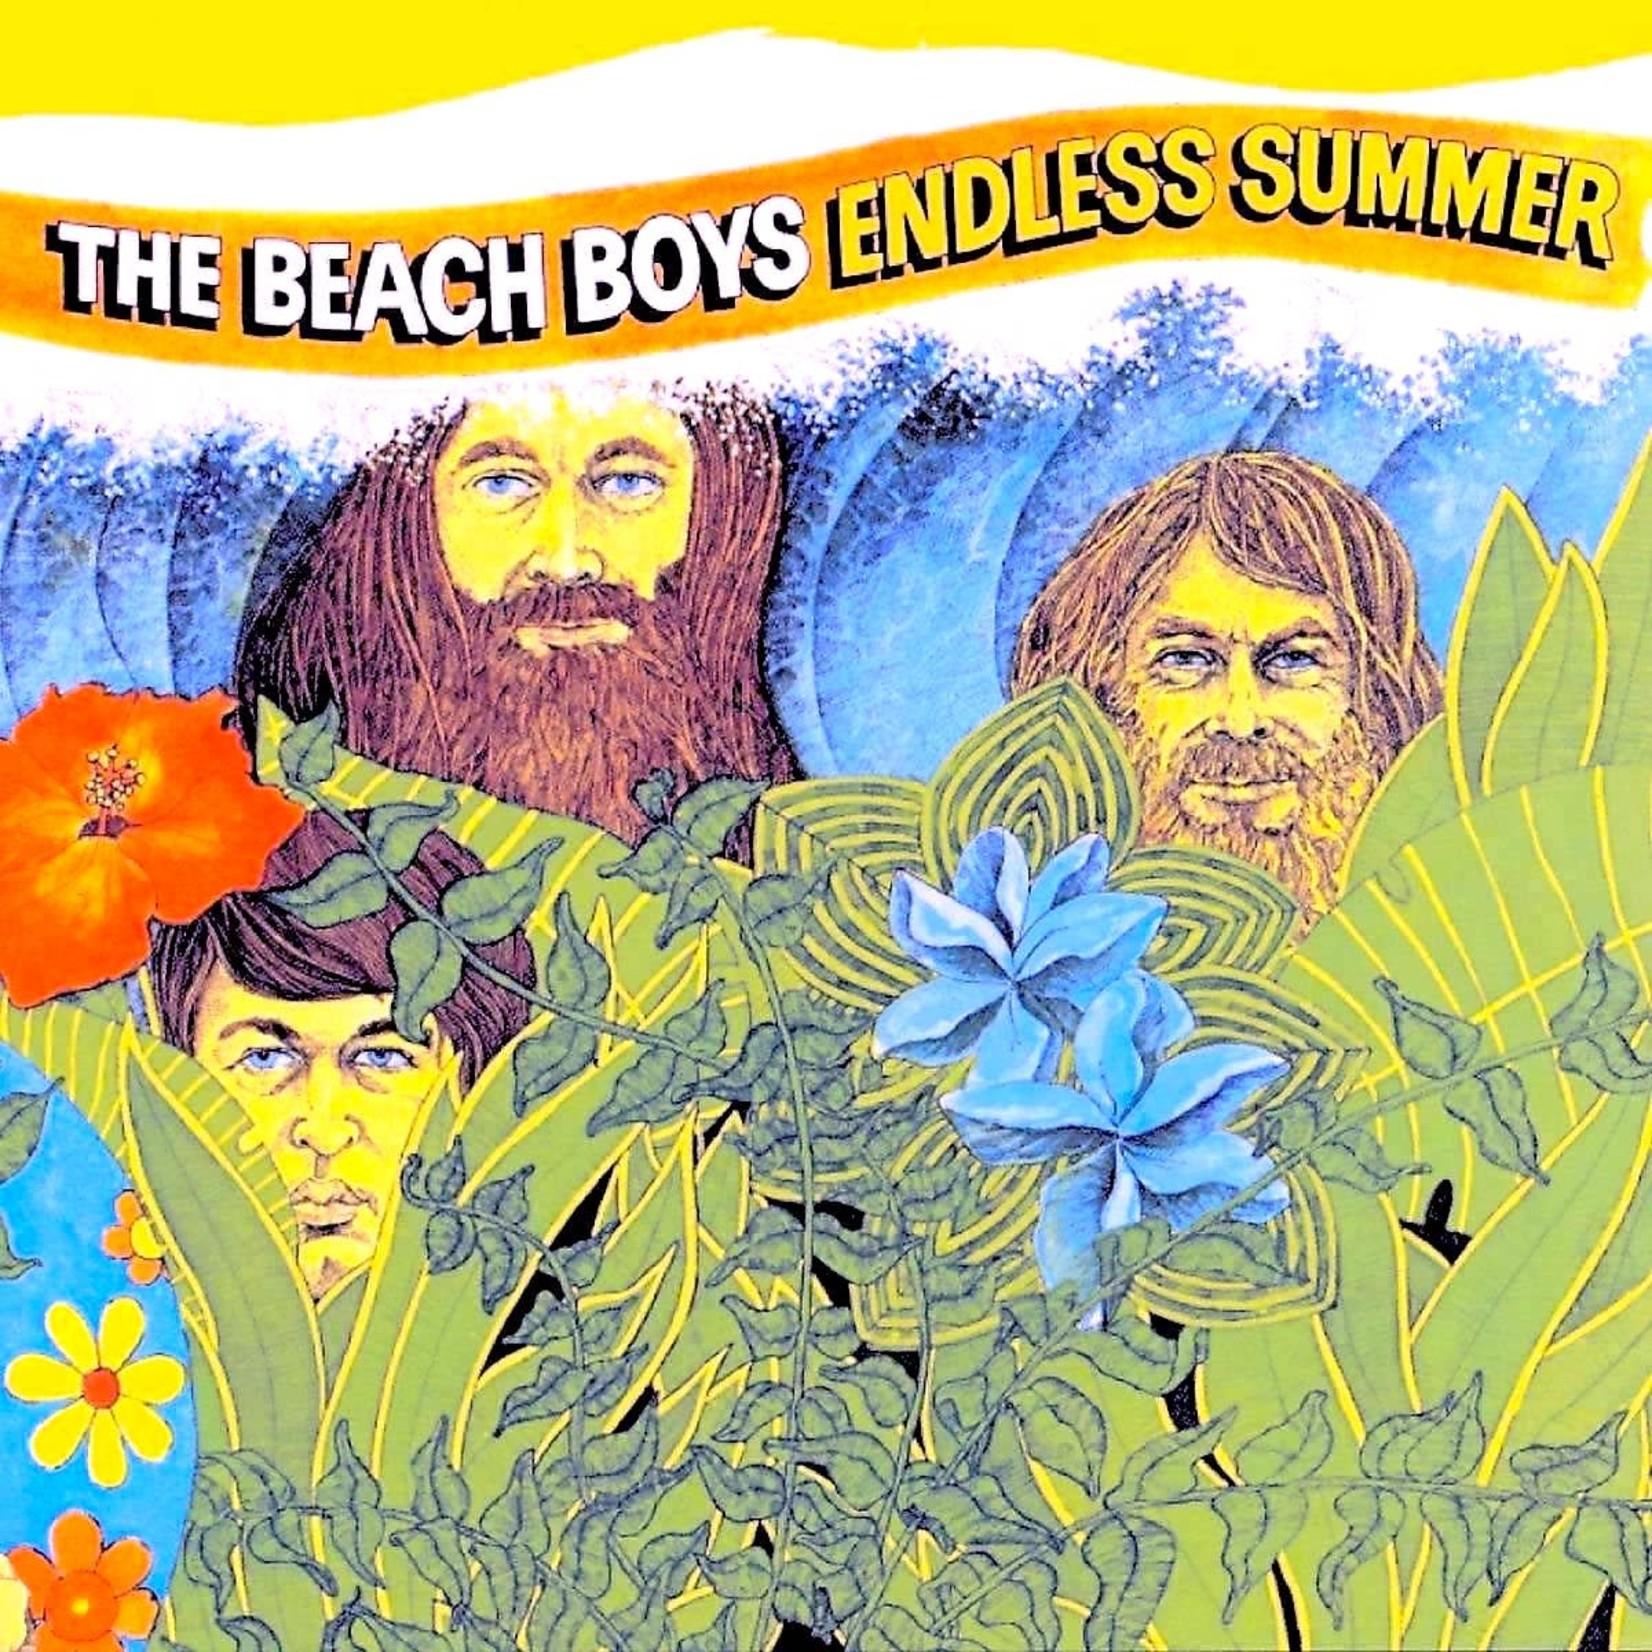 [New] Beach Boys: Endless Summer (2LP)